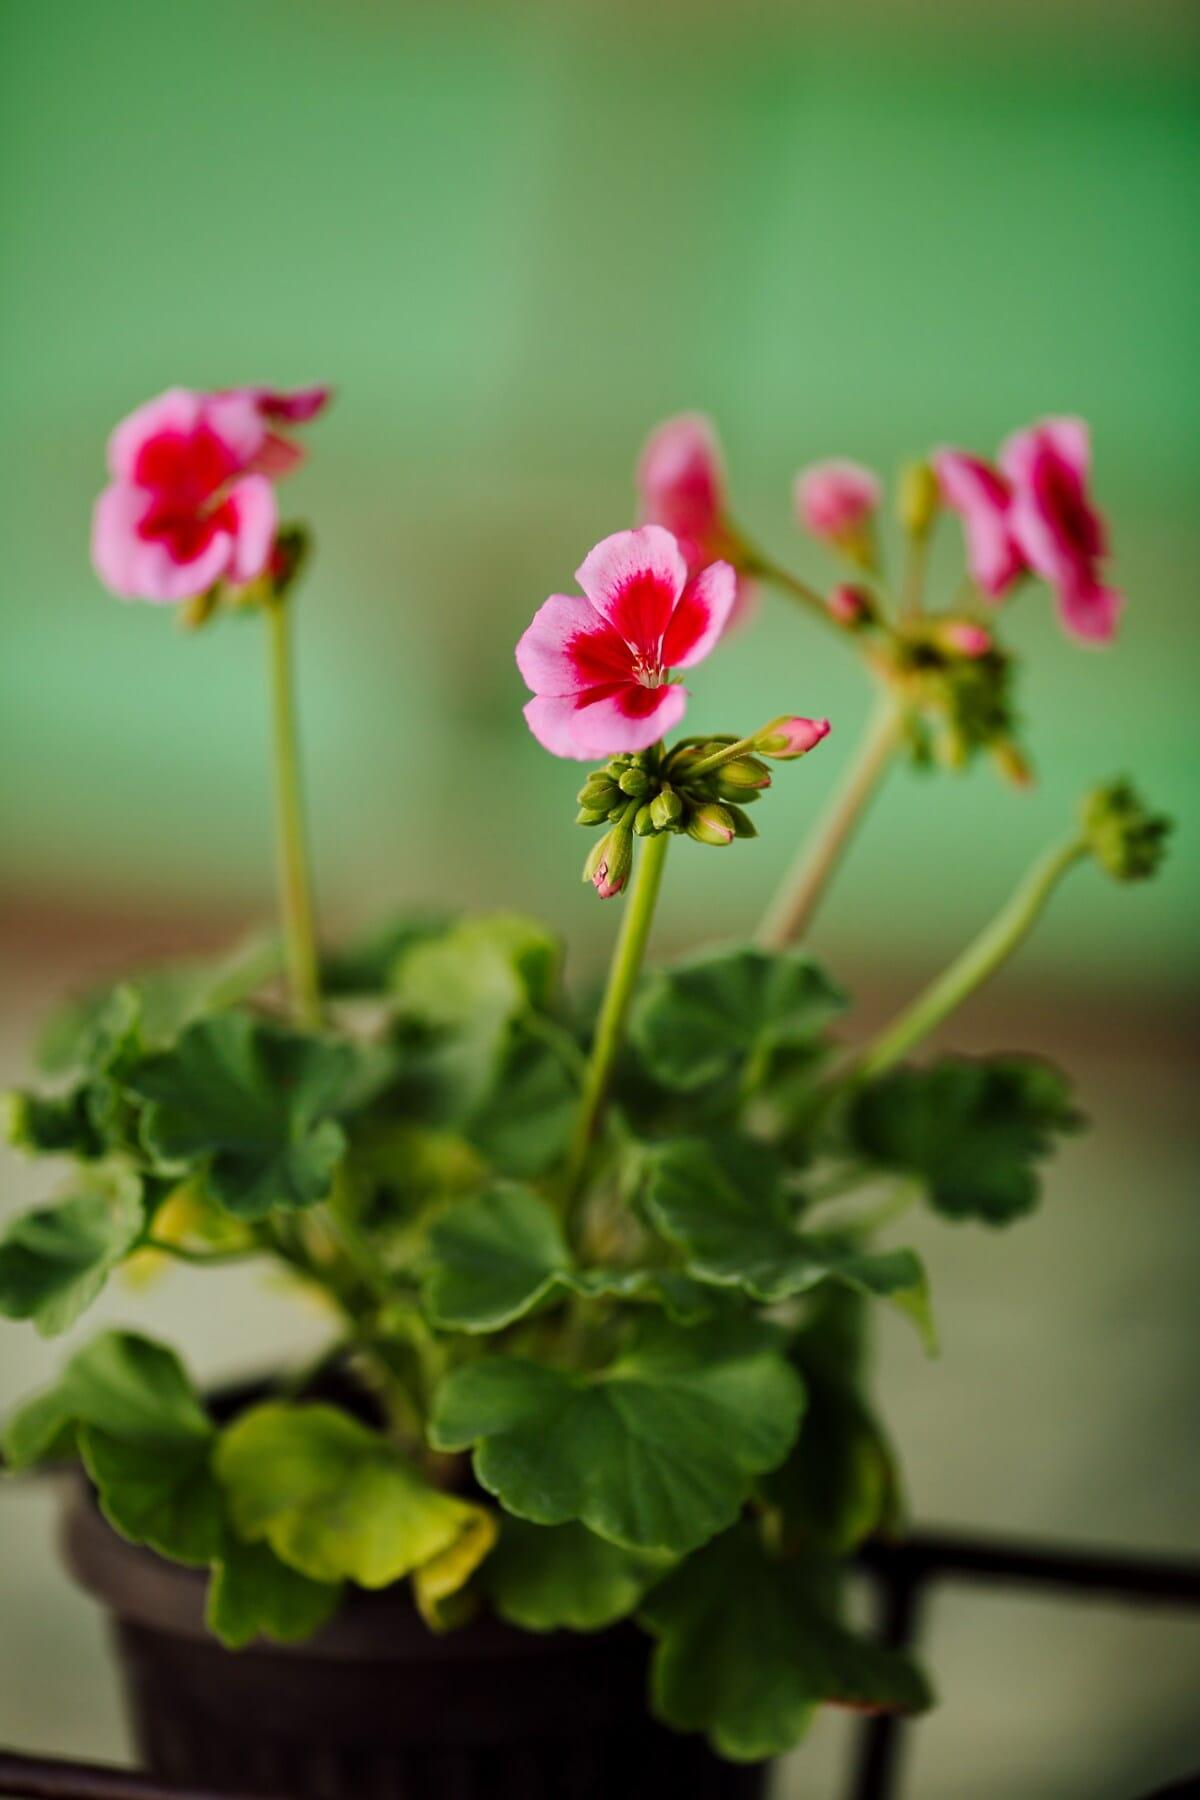 pot de fleurs, géranium, bouton floral, rosâtre, plante, été, flore, herbe, jardin, fleur